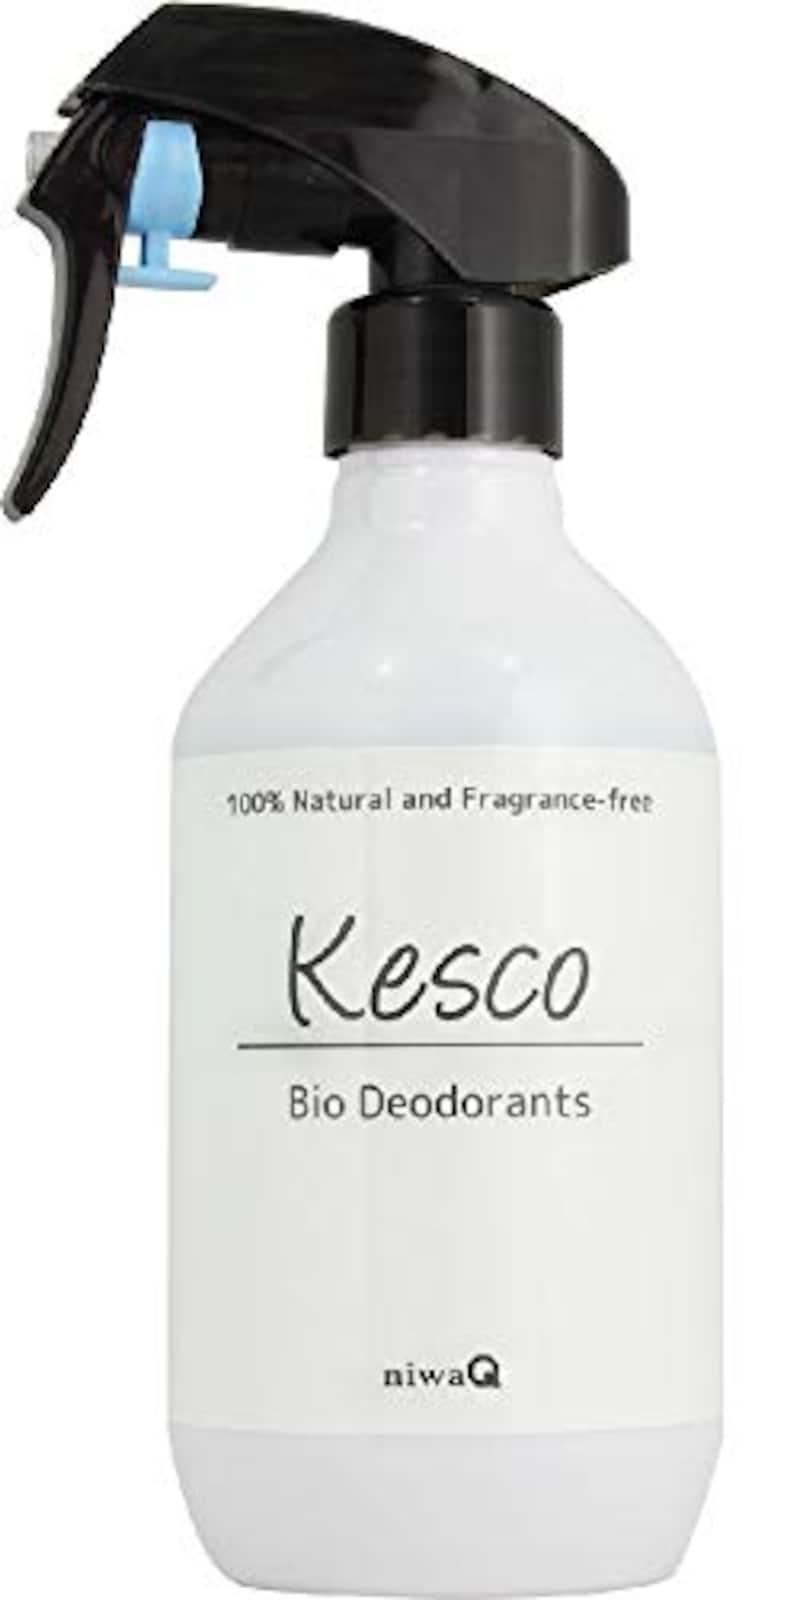 丹羽久,KESCO (ケスコ)バイオ消臭剤 ケスコスプレー